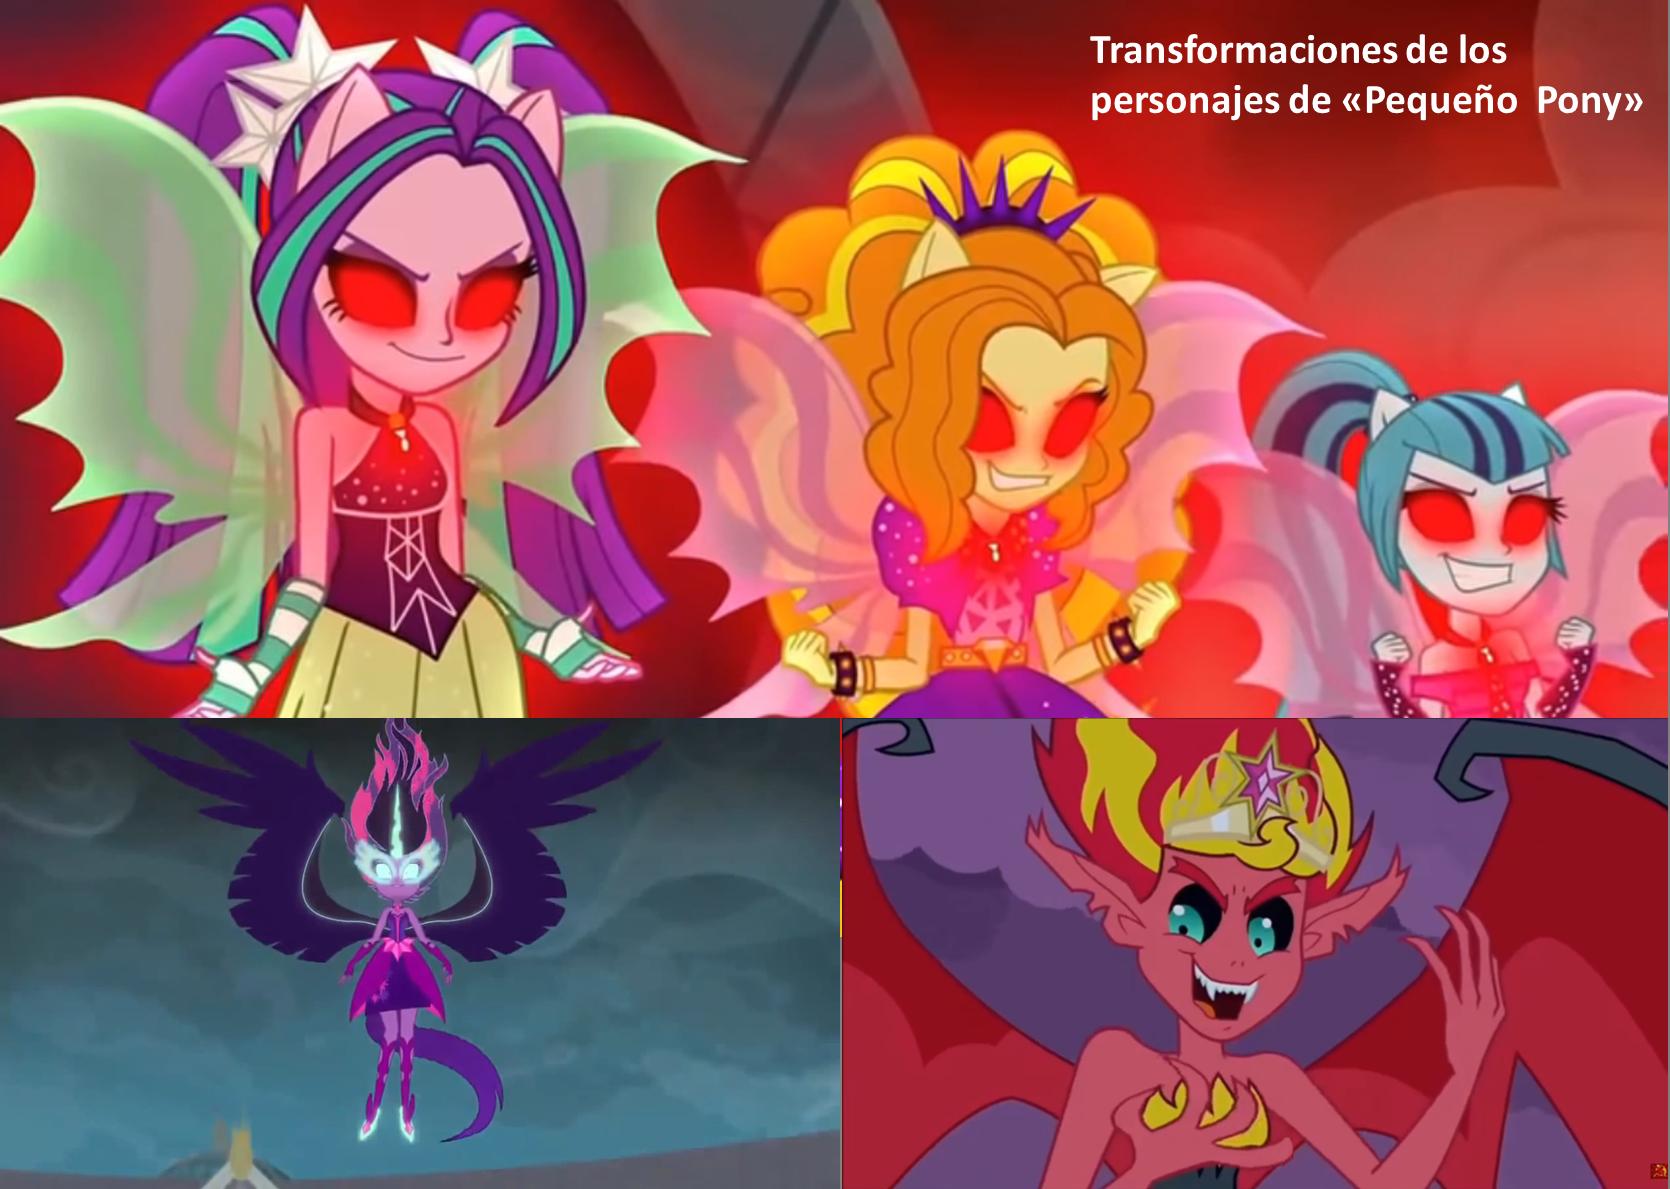 Transformaciomes de los personajes de 'Pequeño Pony'